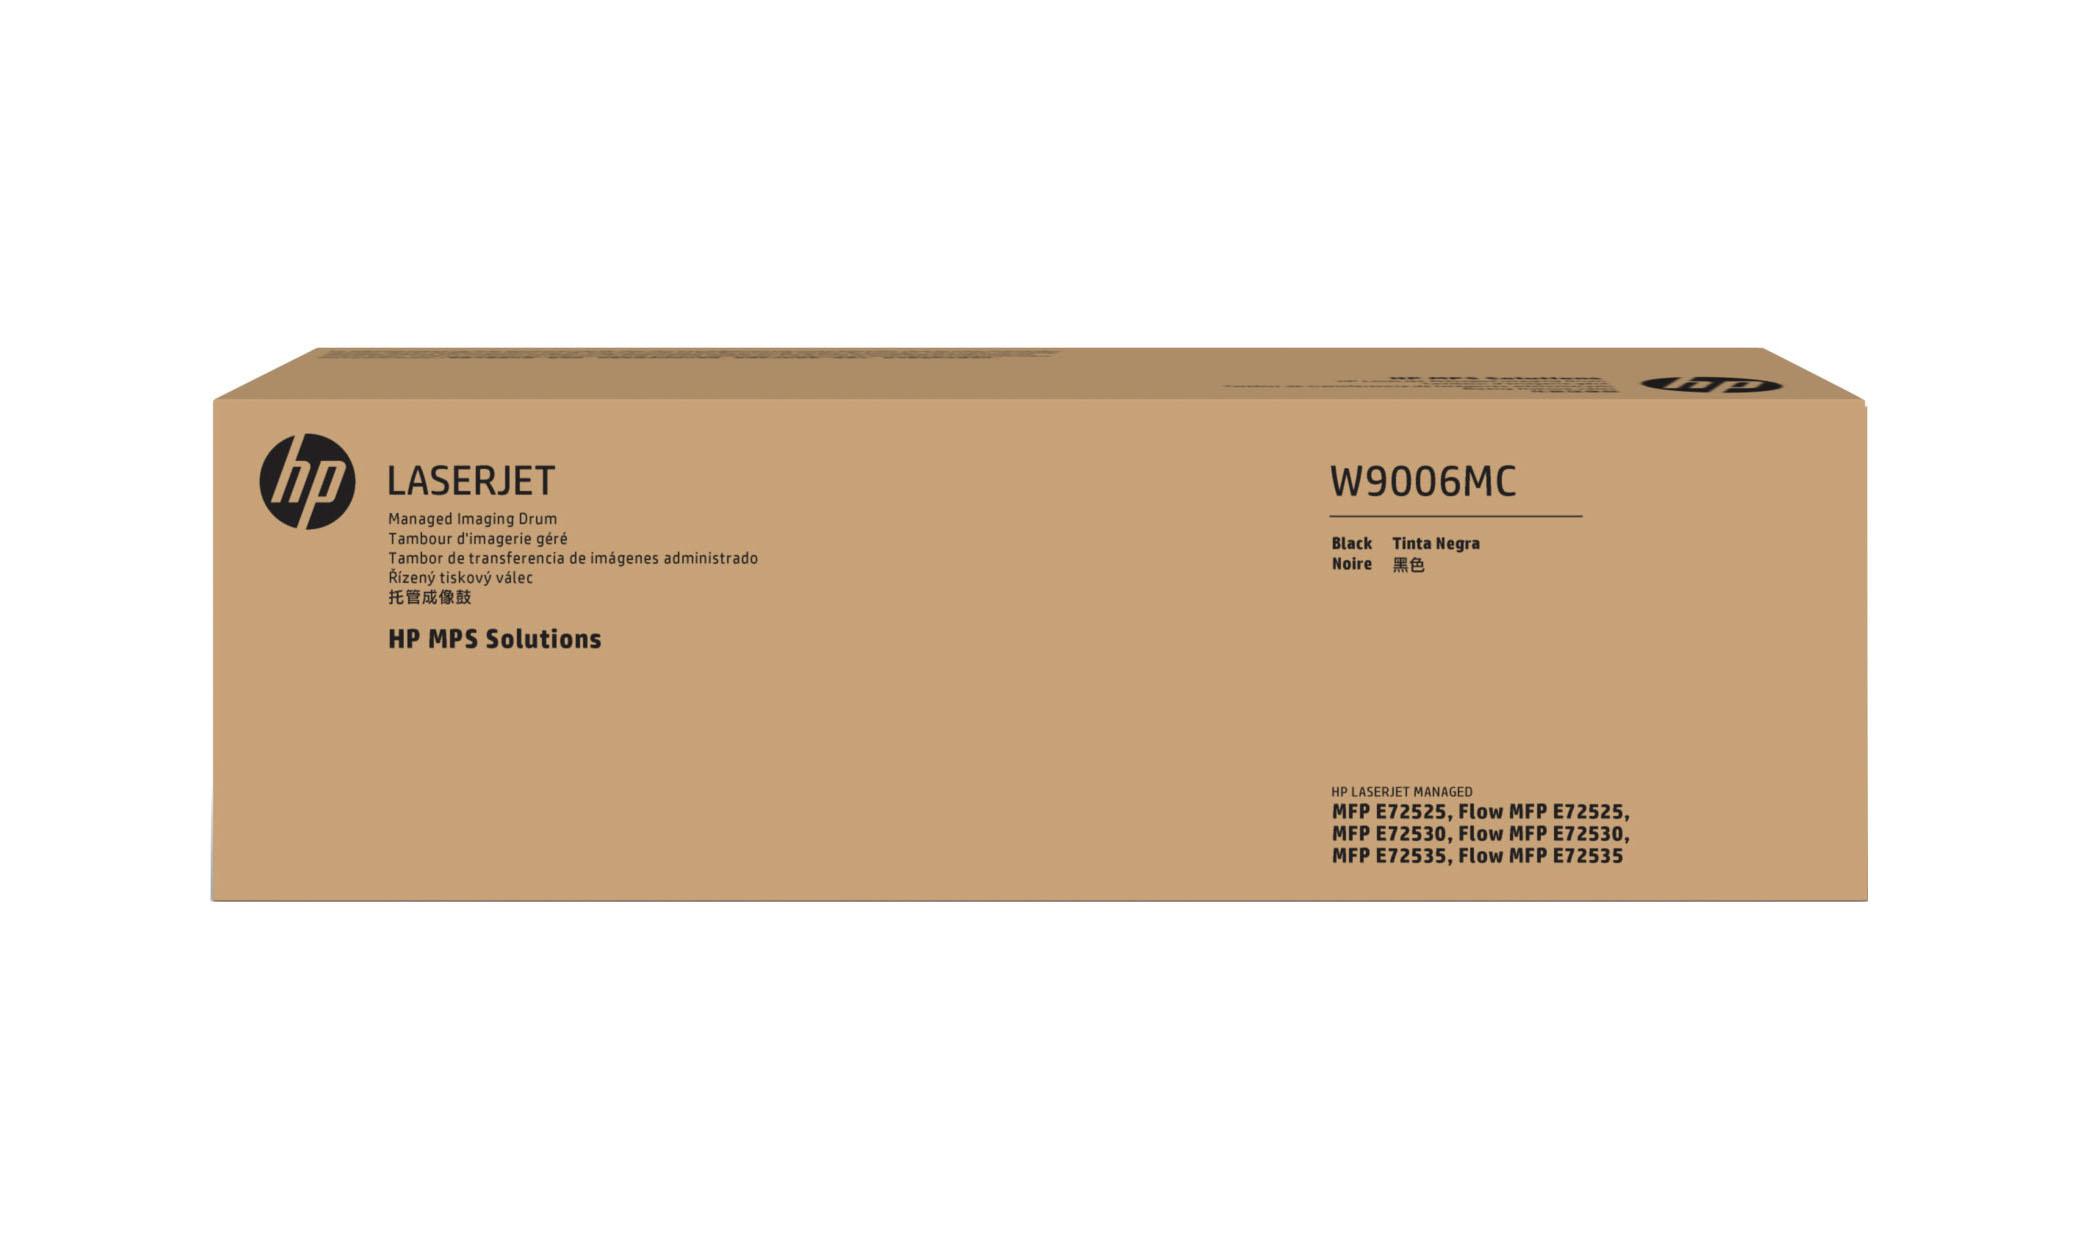 Картридж HP 85A CE285A Black для LaserJet P1102 / P1102w / M1132 / M1212 / M1214 / M1217